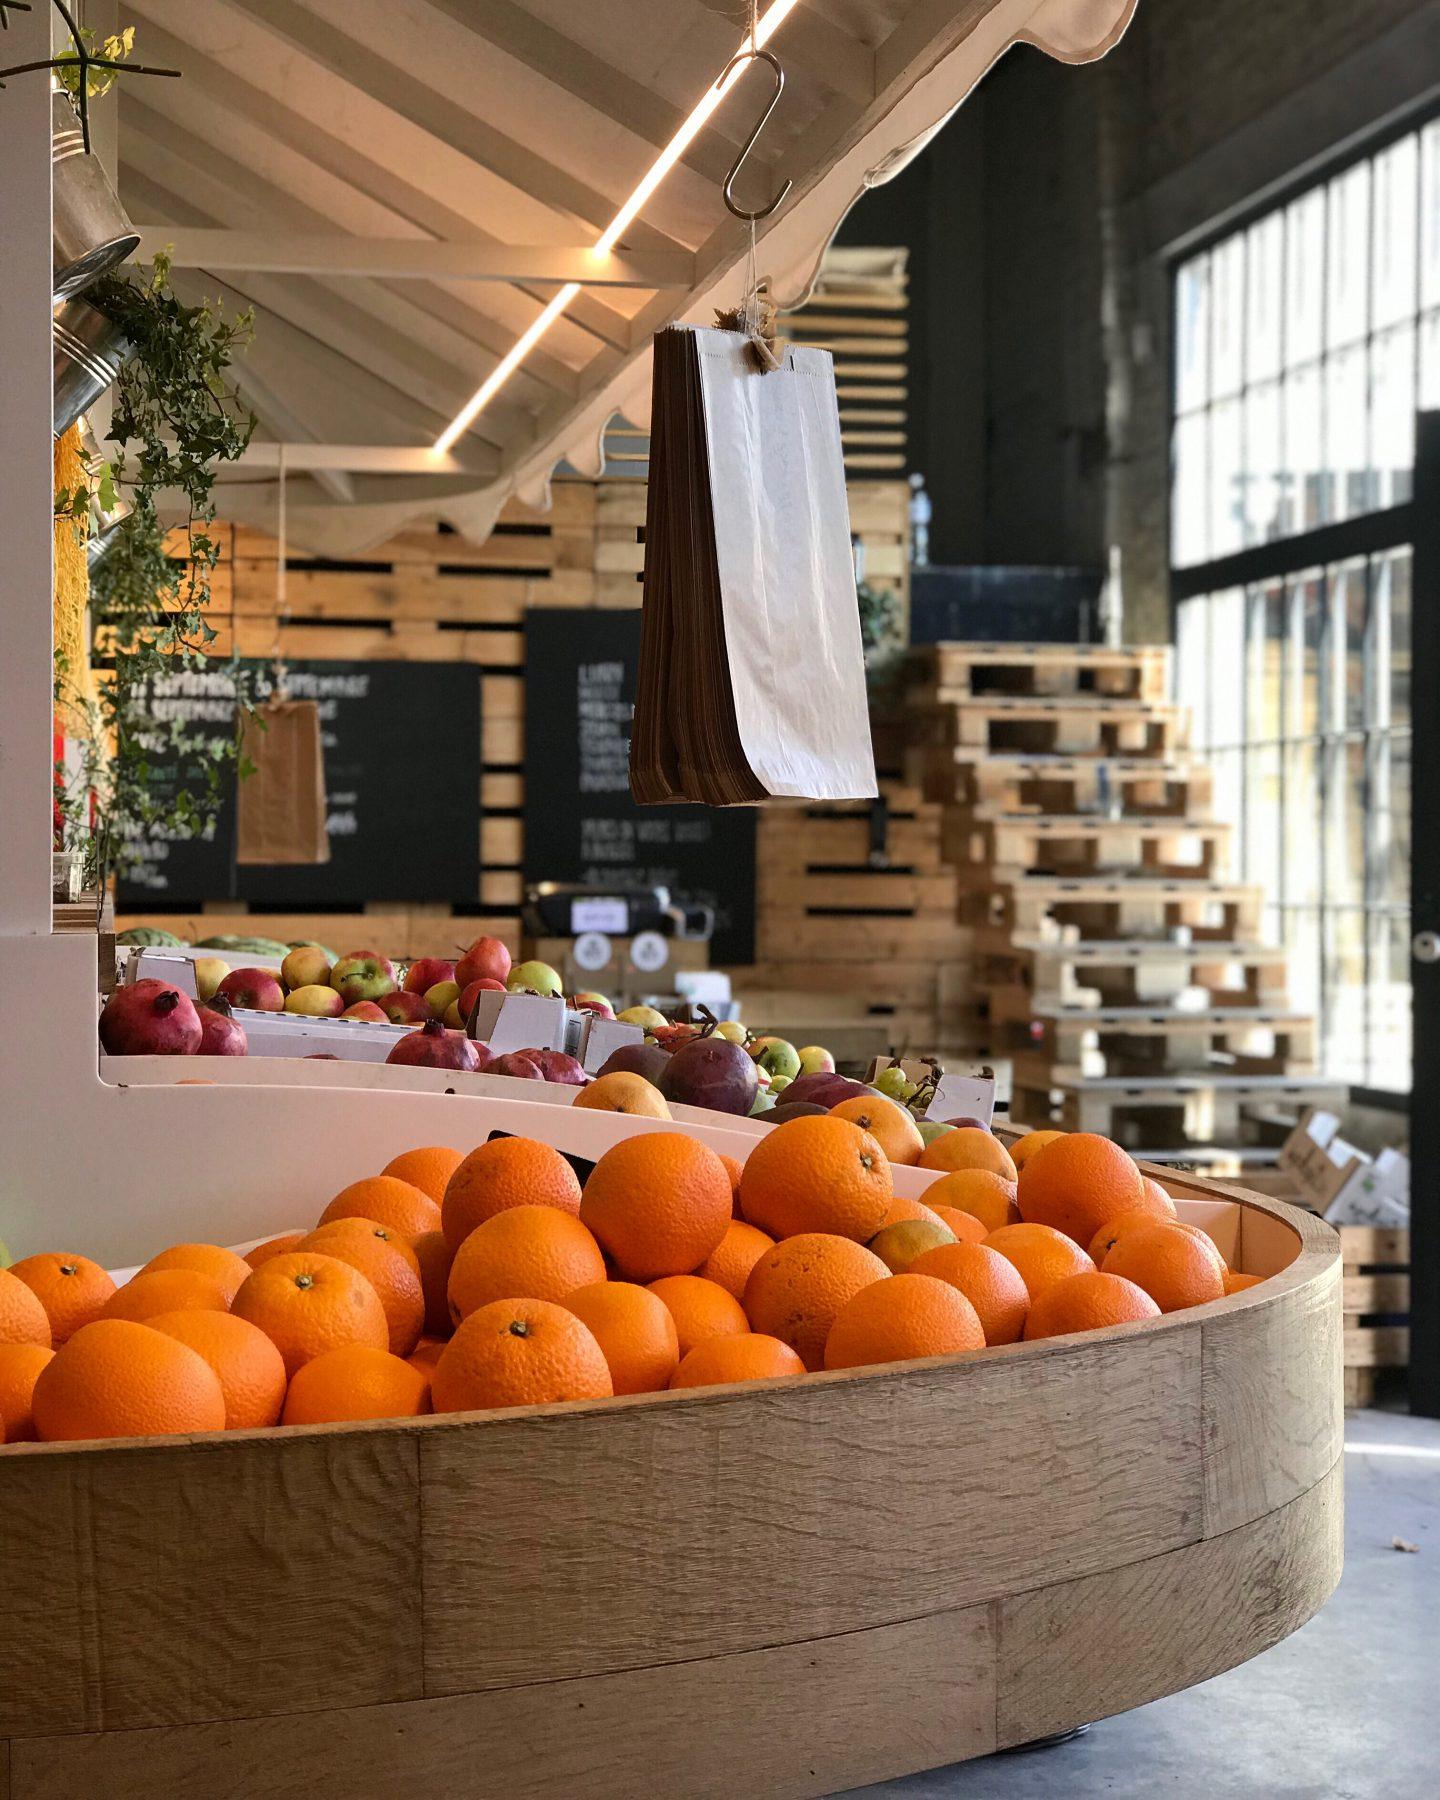 Marché Saint Jean - Oranges